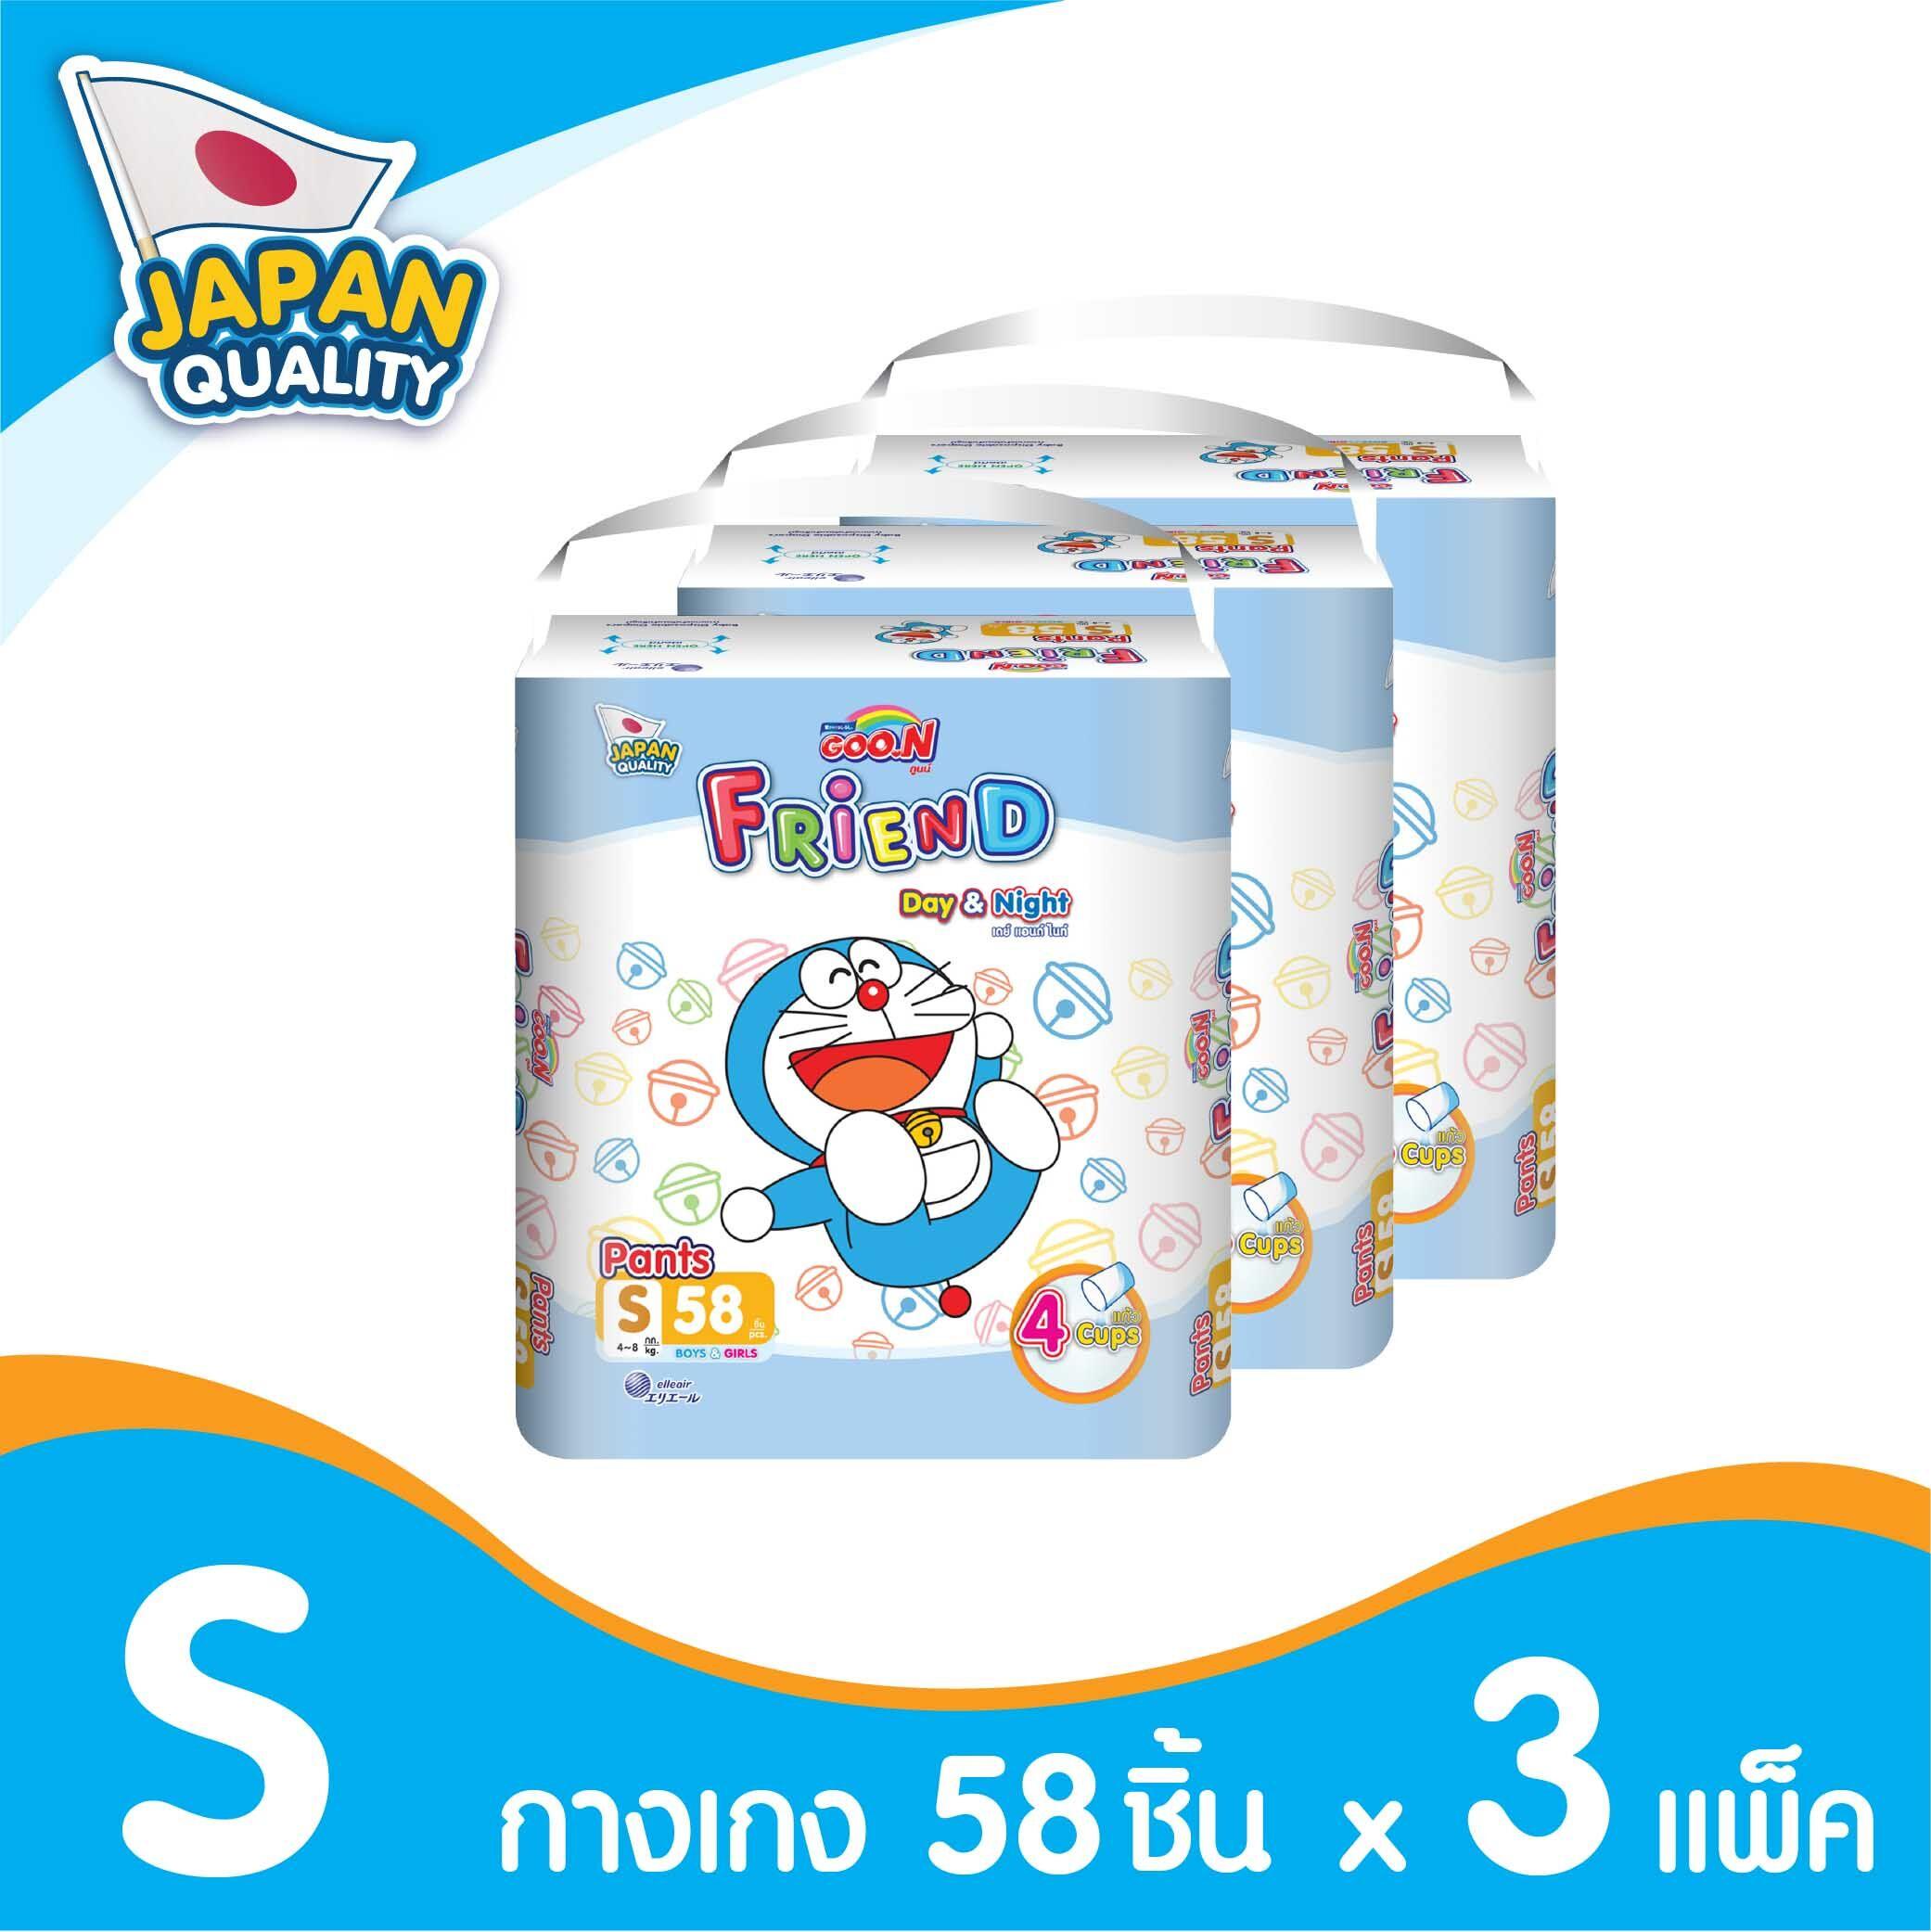 ราคา ขายยกลัง!!! new GOO.N Friend SJ S58 *3packs ผ้าอ้อมเด็ก กูนน์ เฟรนด์ แบบกางเกง 1 ลังมี 3 แพ็ค 174 ชิ้น (1 แพ็ค มี S 58 ชิ้น)